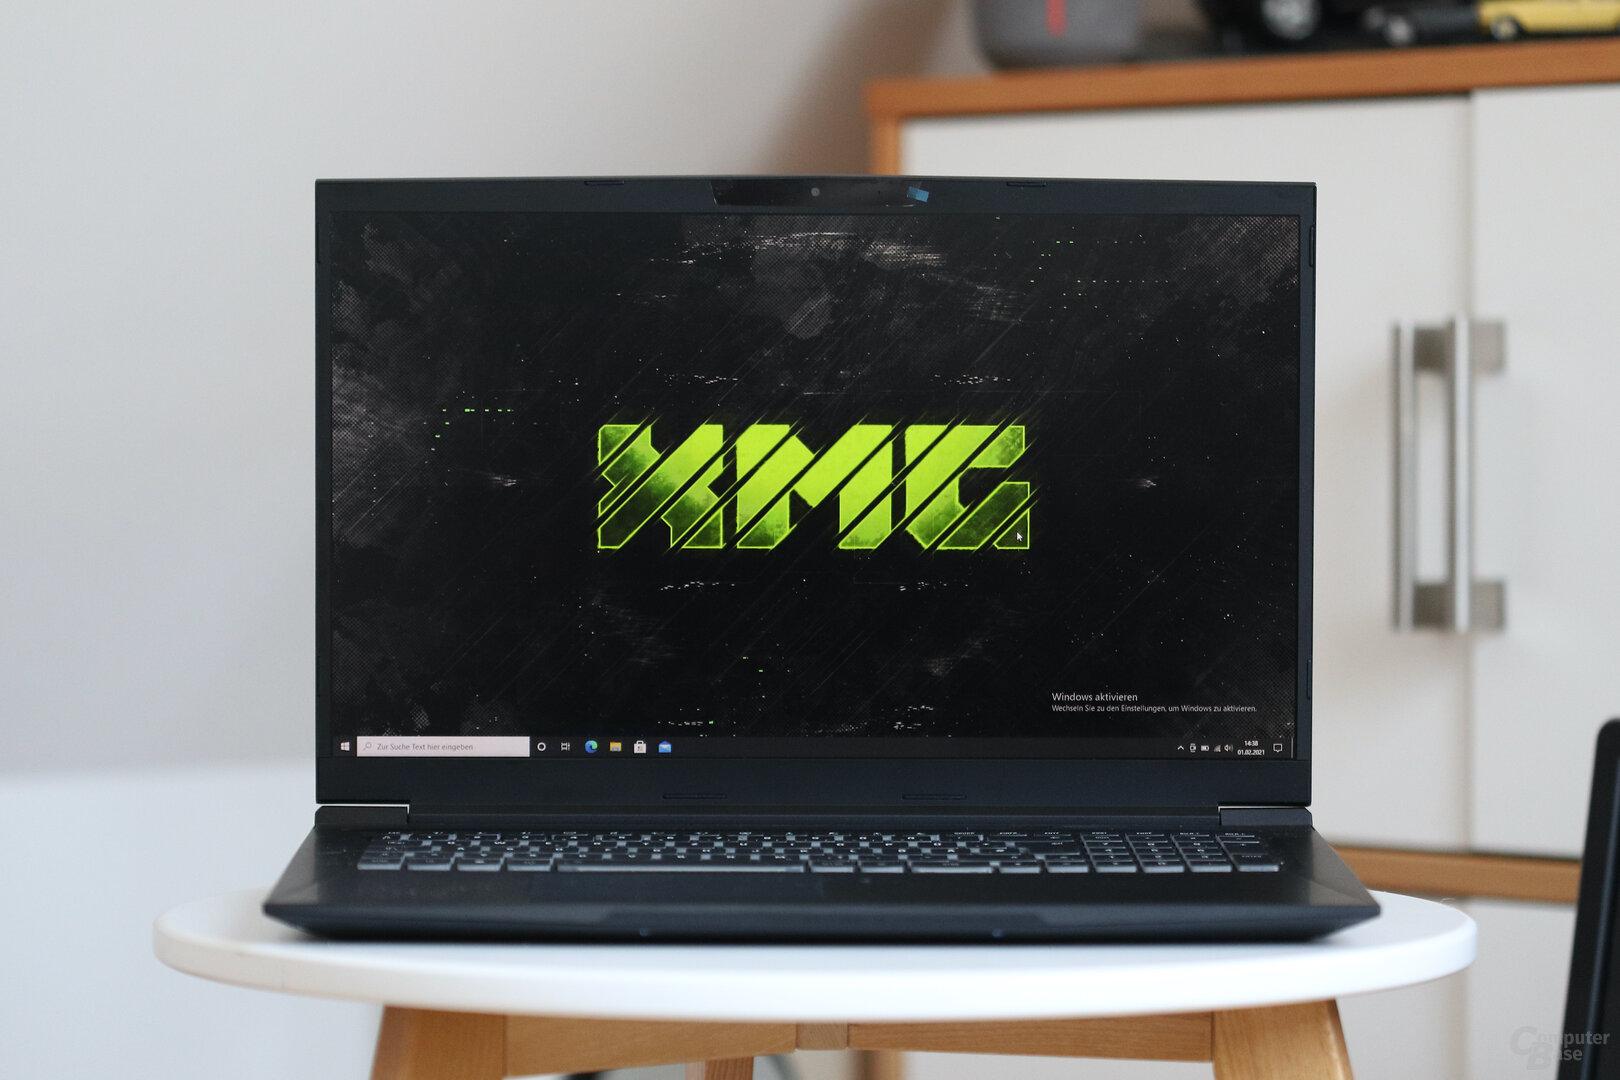 Das XMG Core 17 mit Ryzen 7 5800H und GeForce RTX 3060 Laptop GPU (130 Watt)